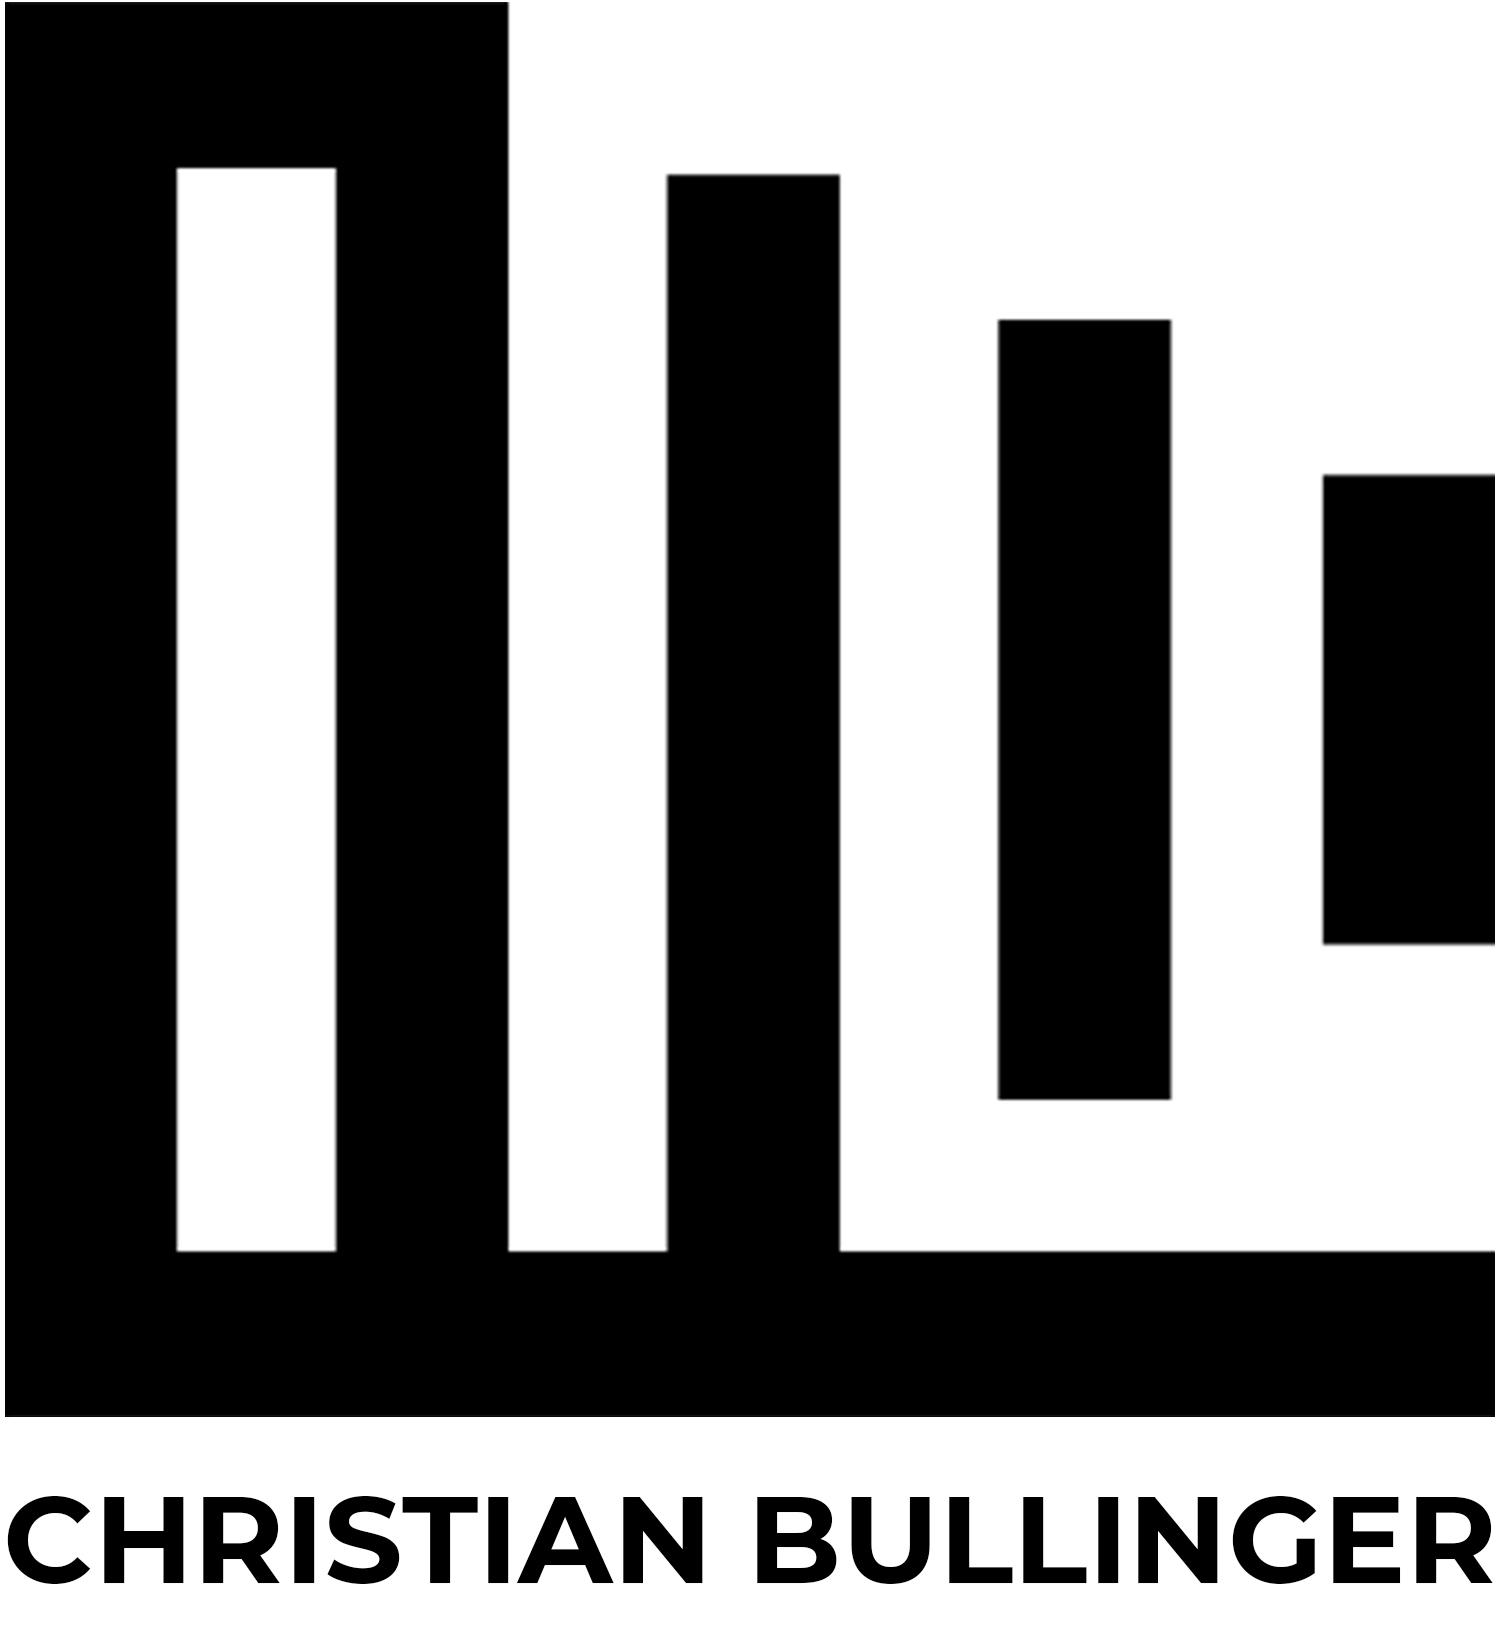 Bullinger.net